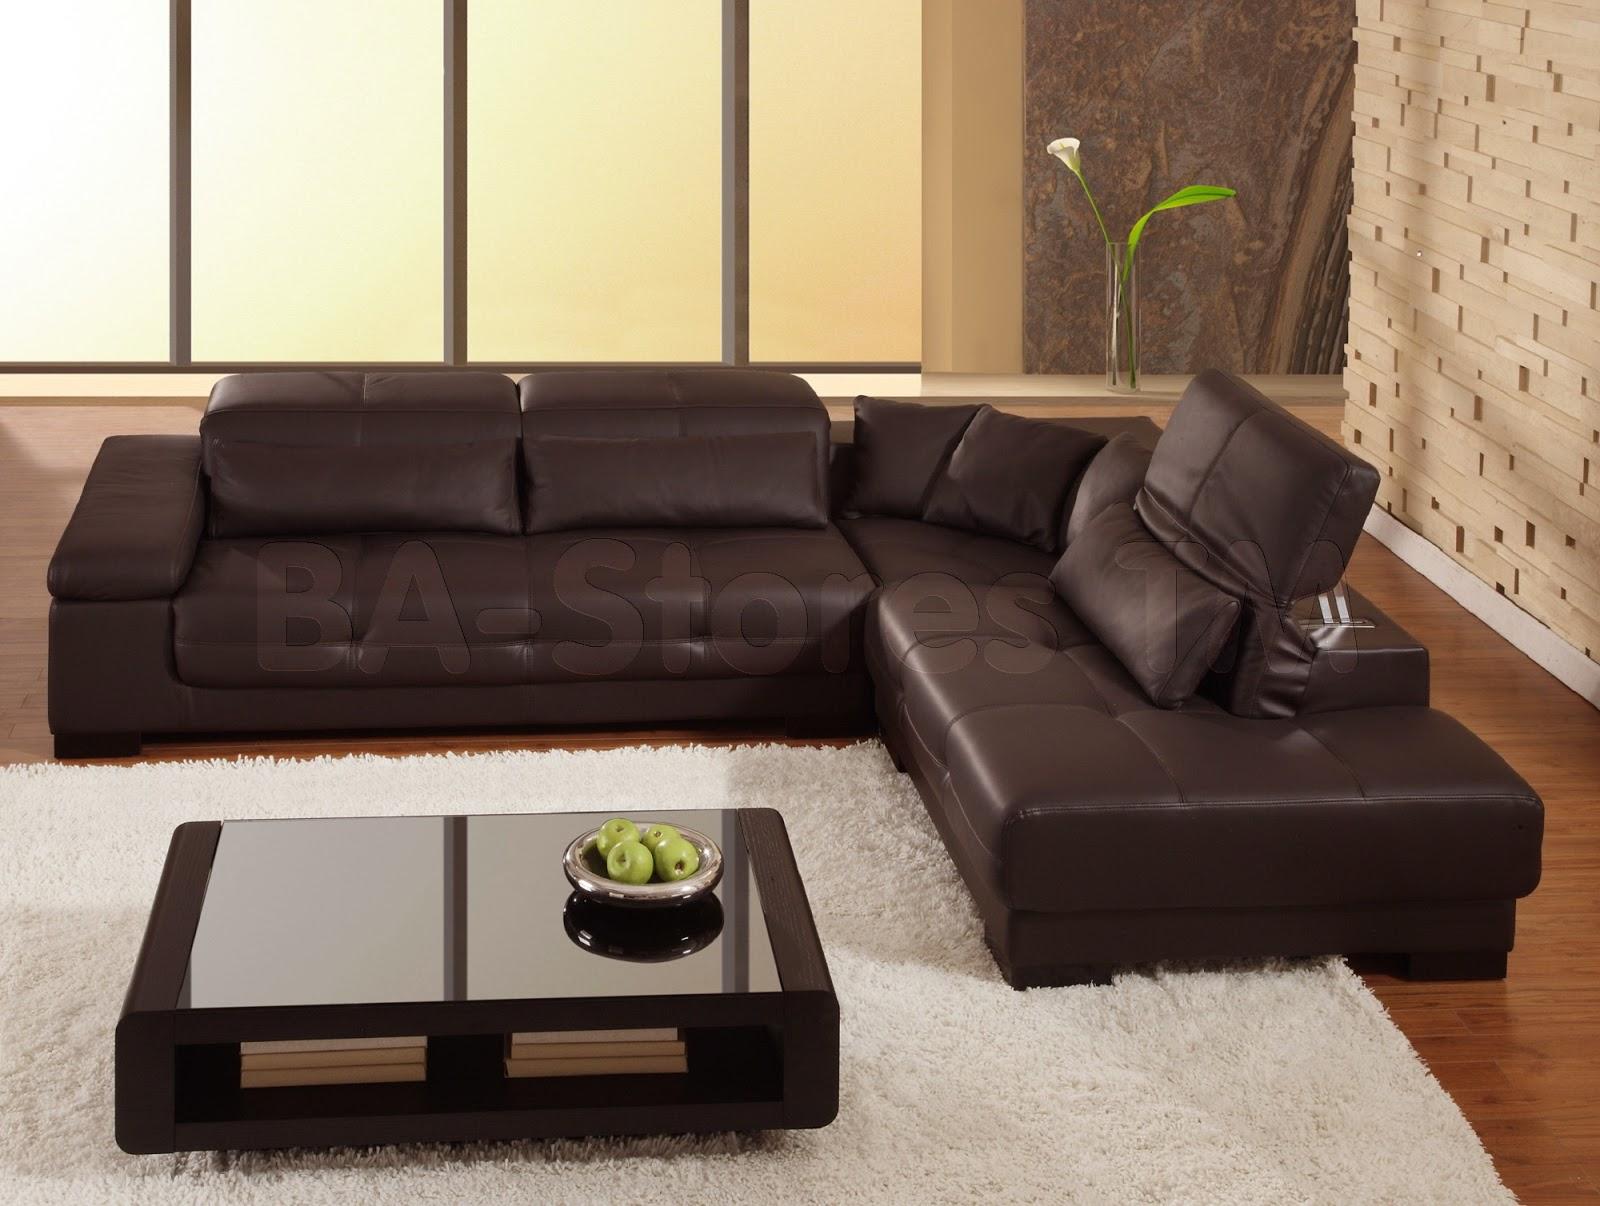 Come scegliere il colore del divano home staging italia for Divano color tortora